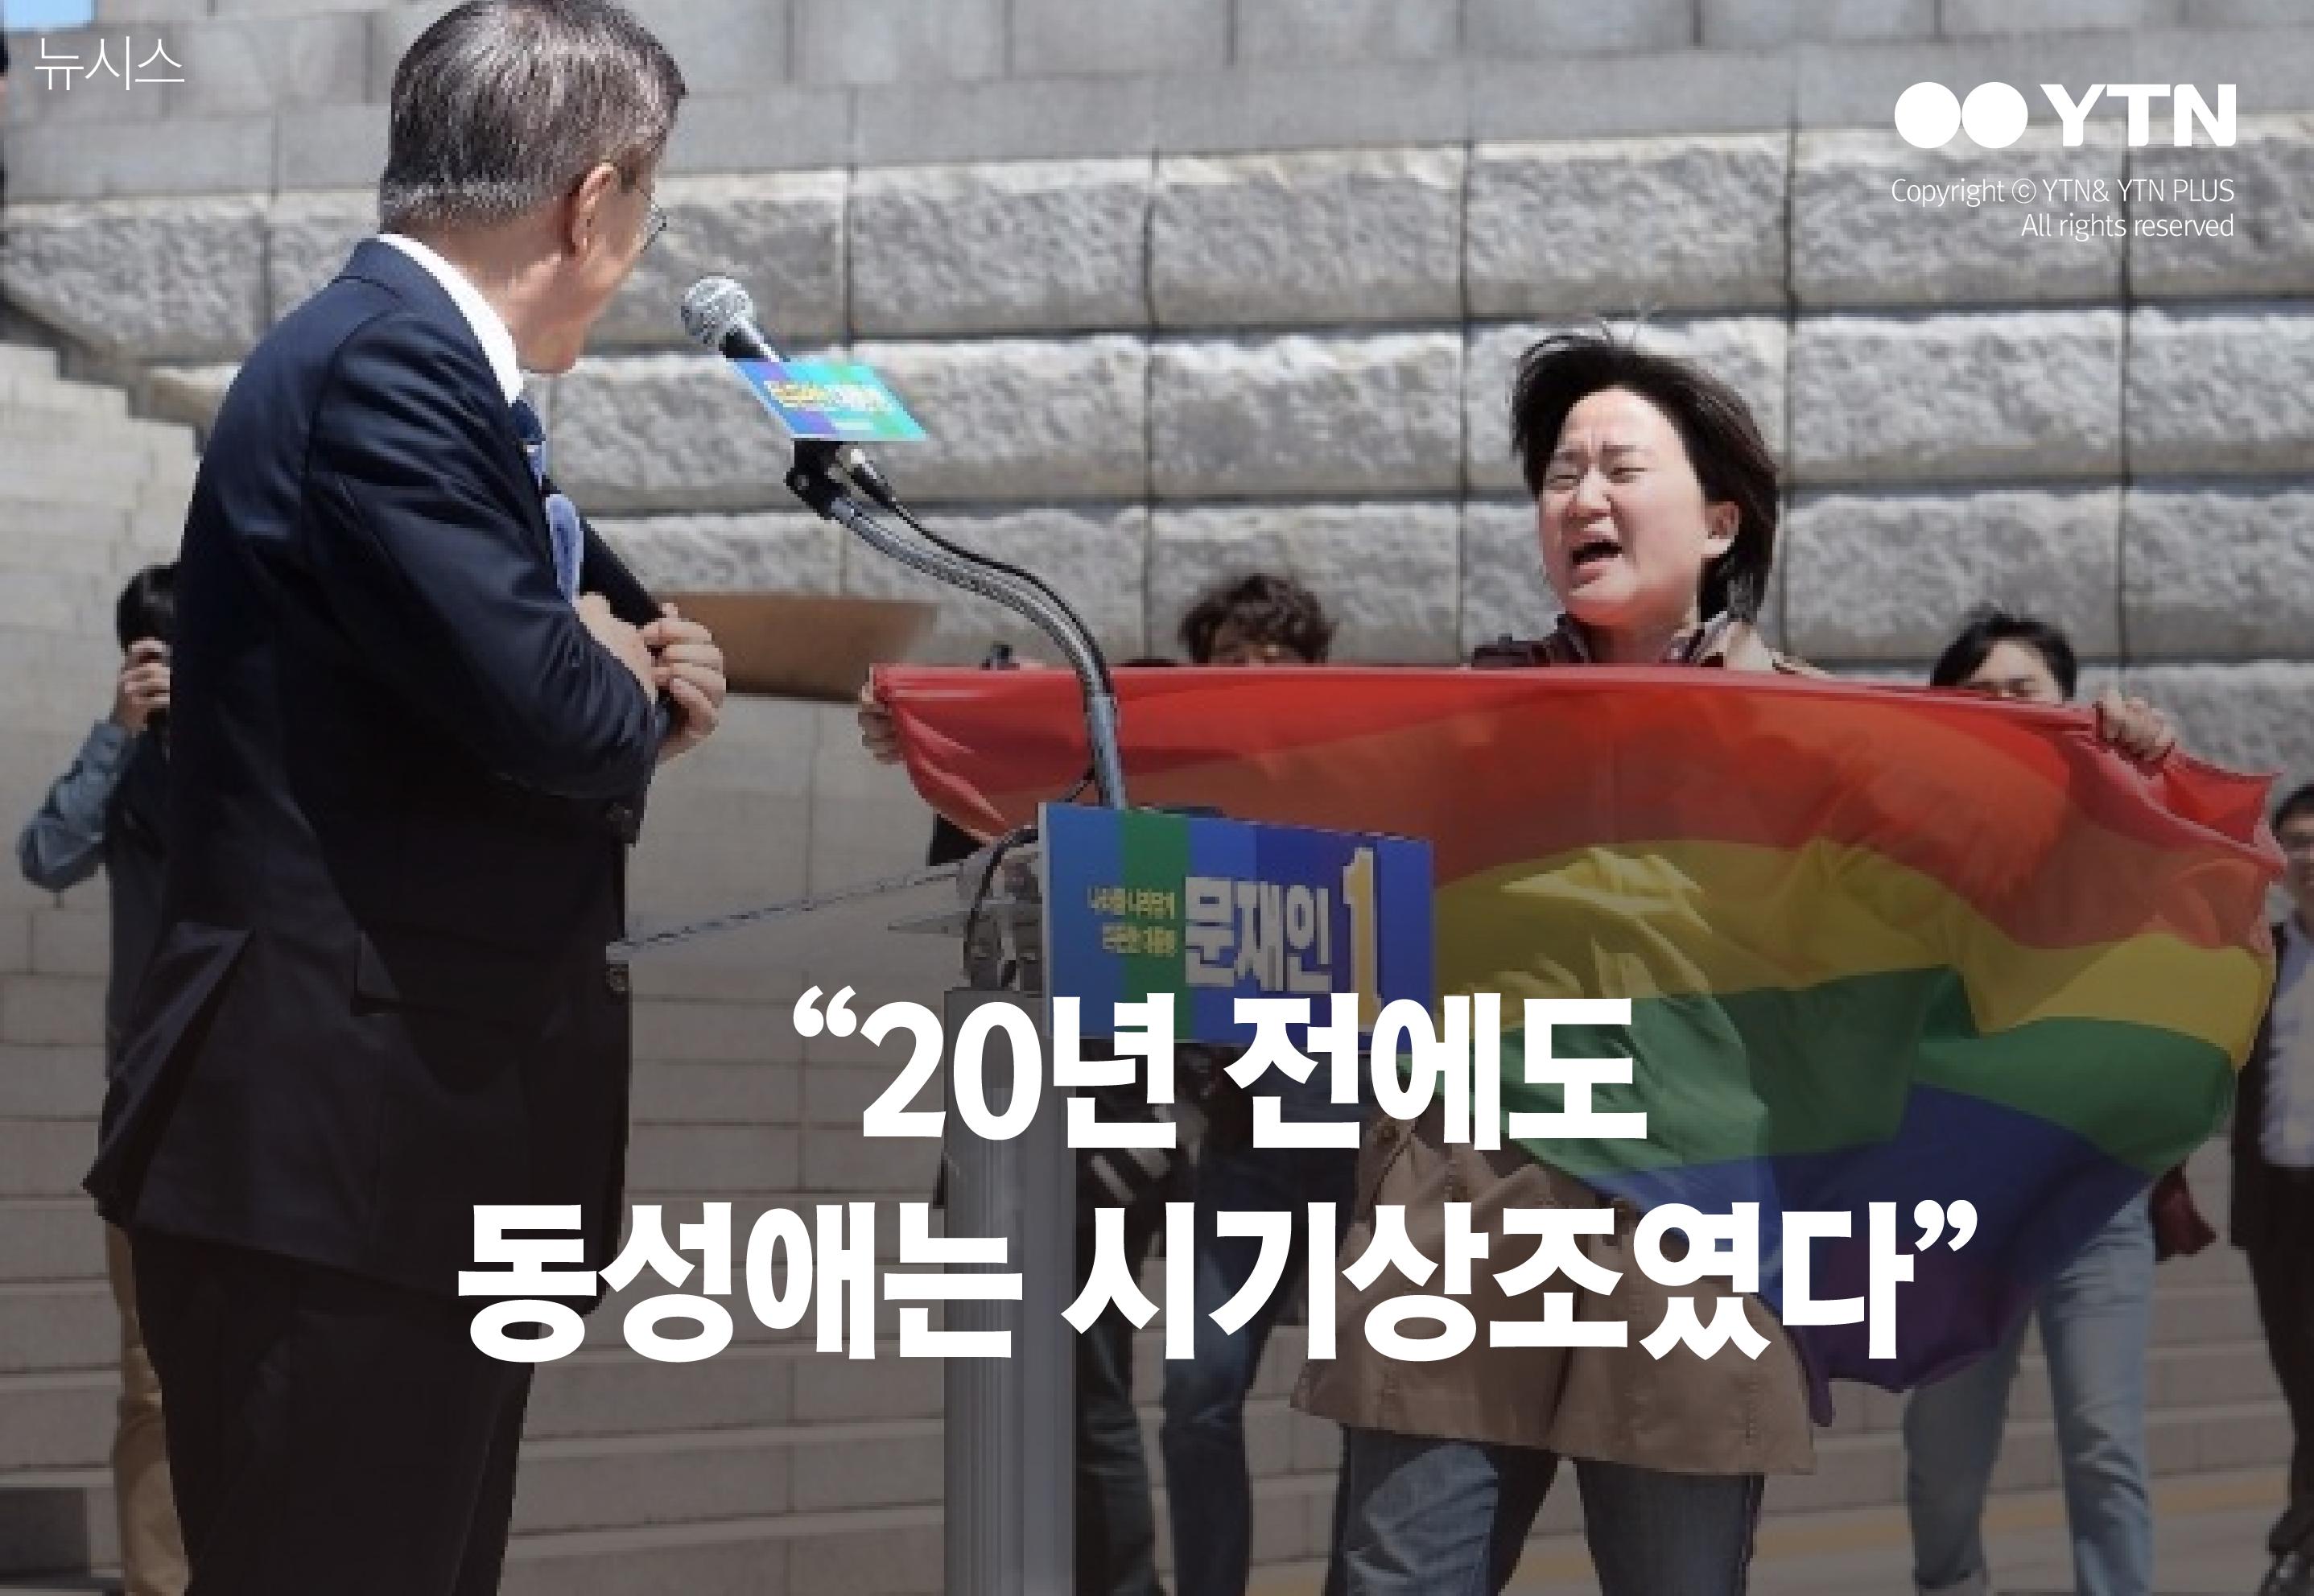 [한컷뉴스] 20년 전에도 동성애는 시기상조였다